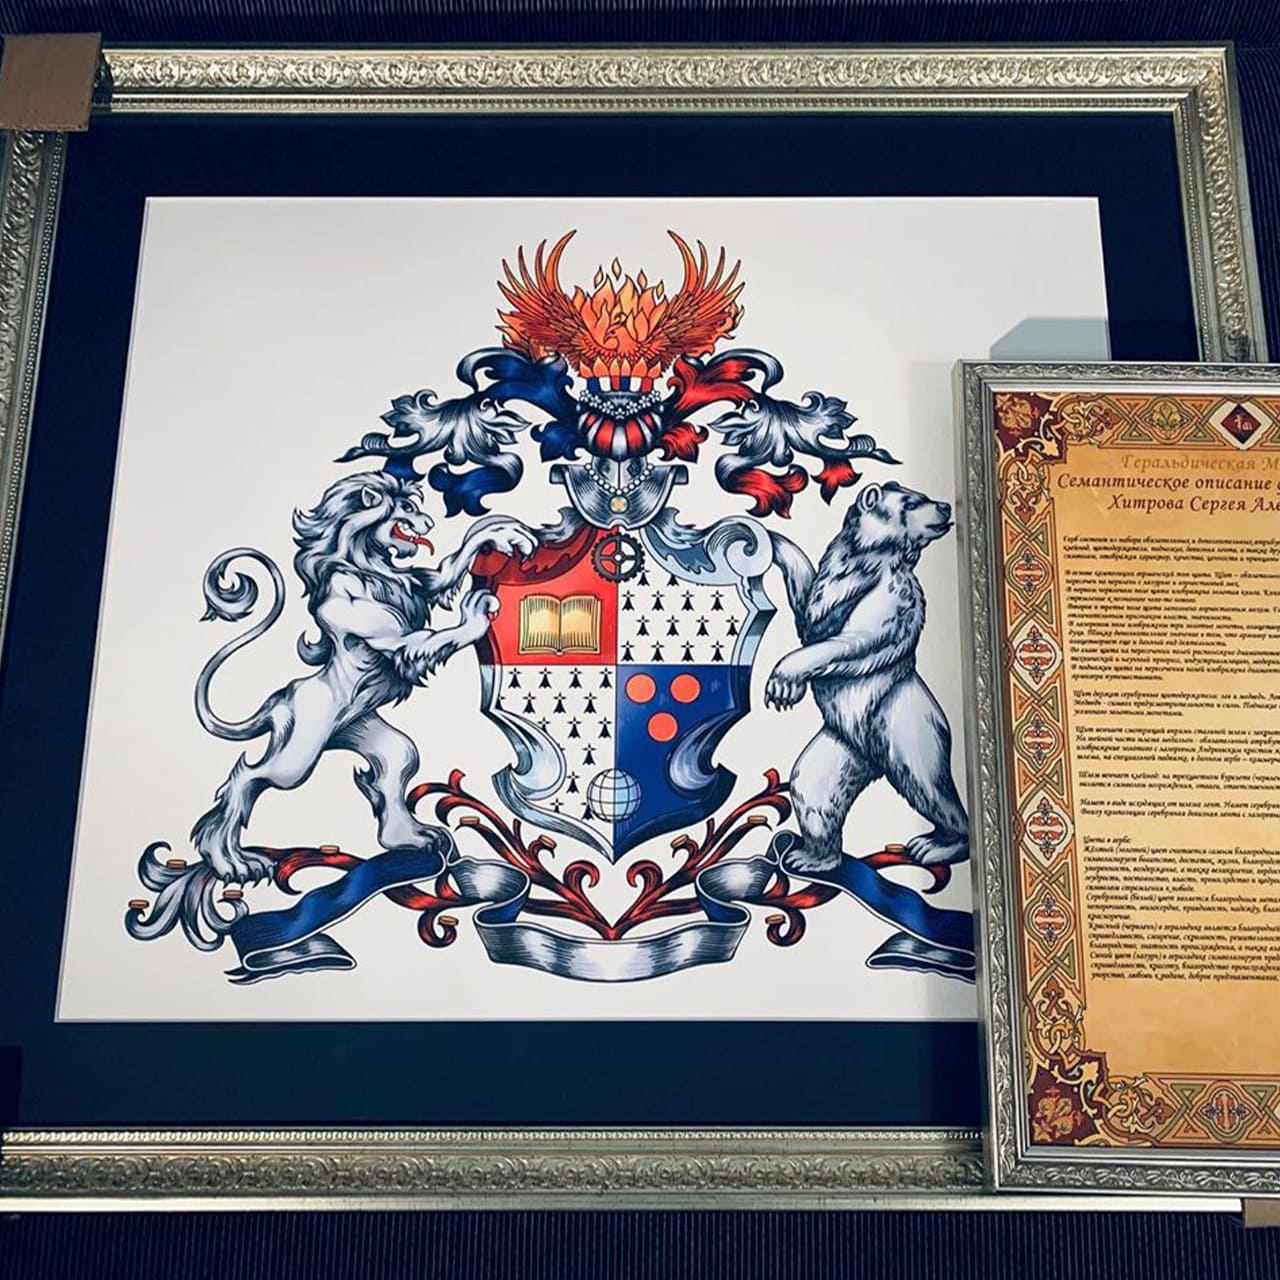 Превью - Живопись, герб на картине, подарочный сертификат